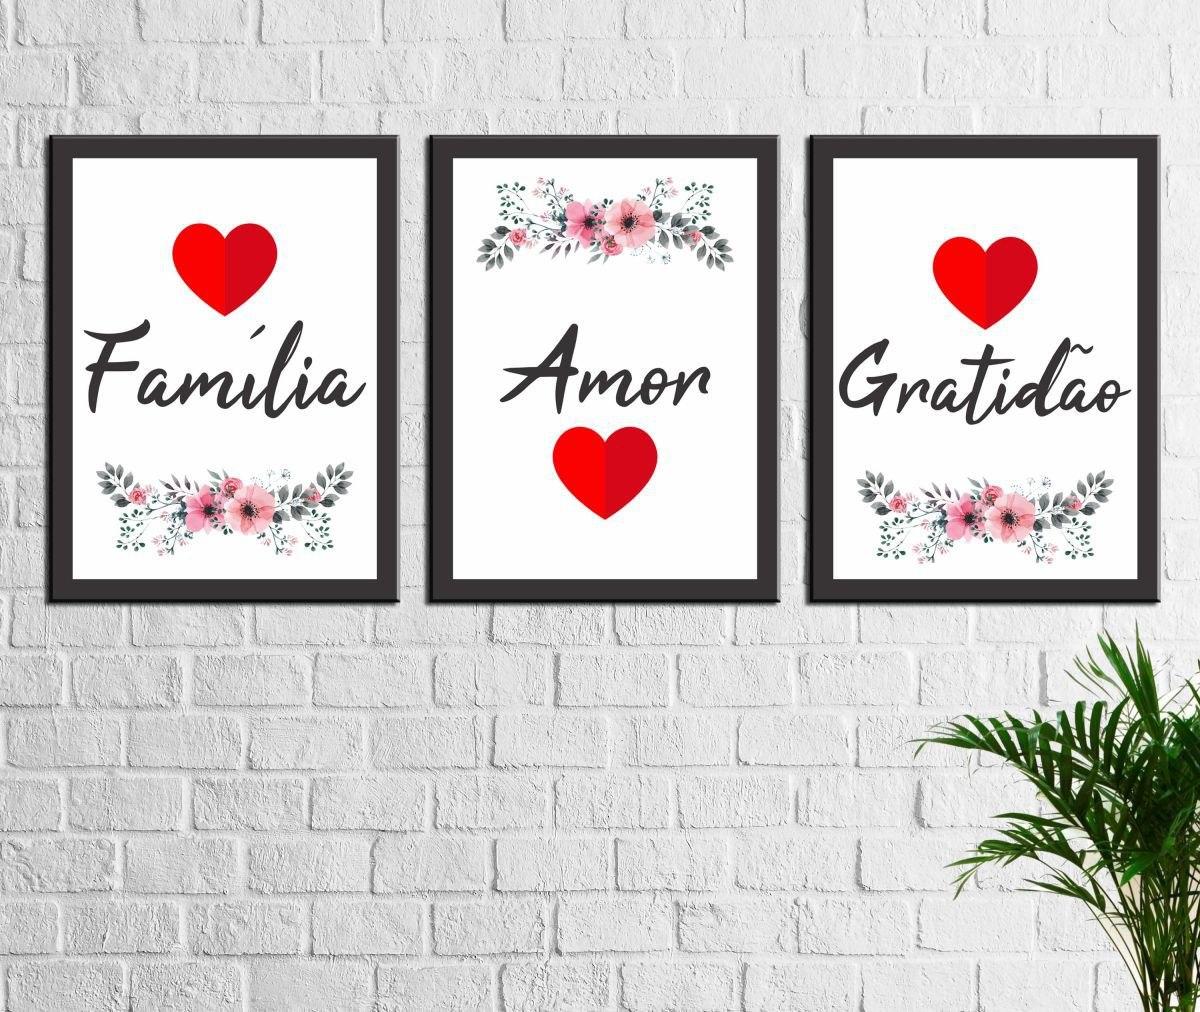 Kit 3 Quadros Decorativos Familia Amor Gratidao Frases R 86 33 Em